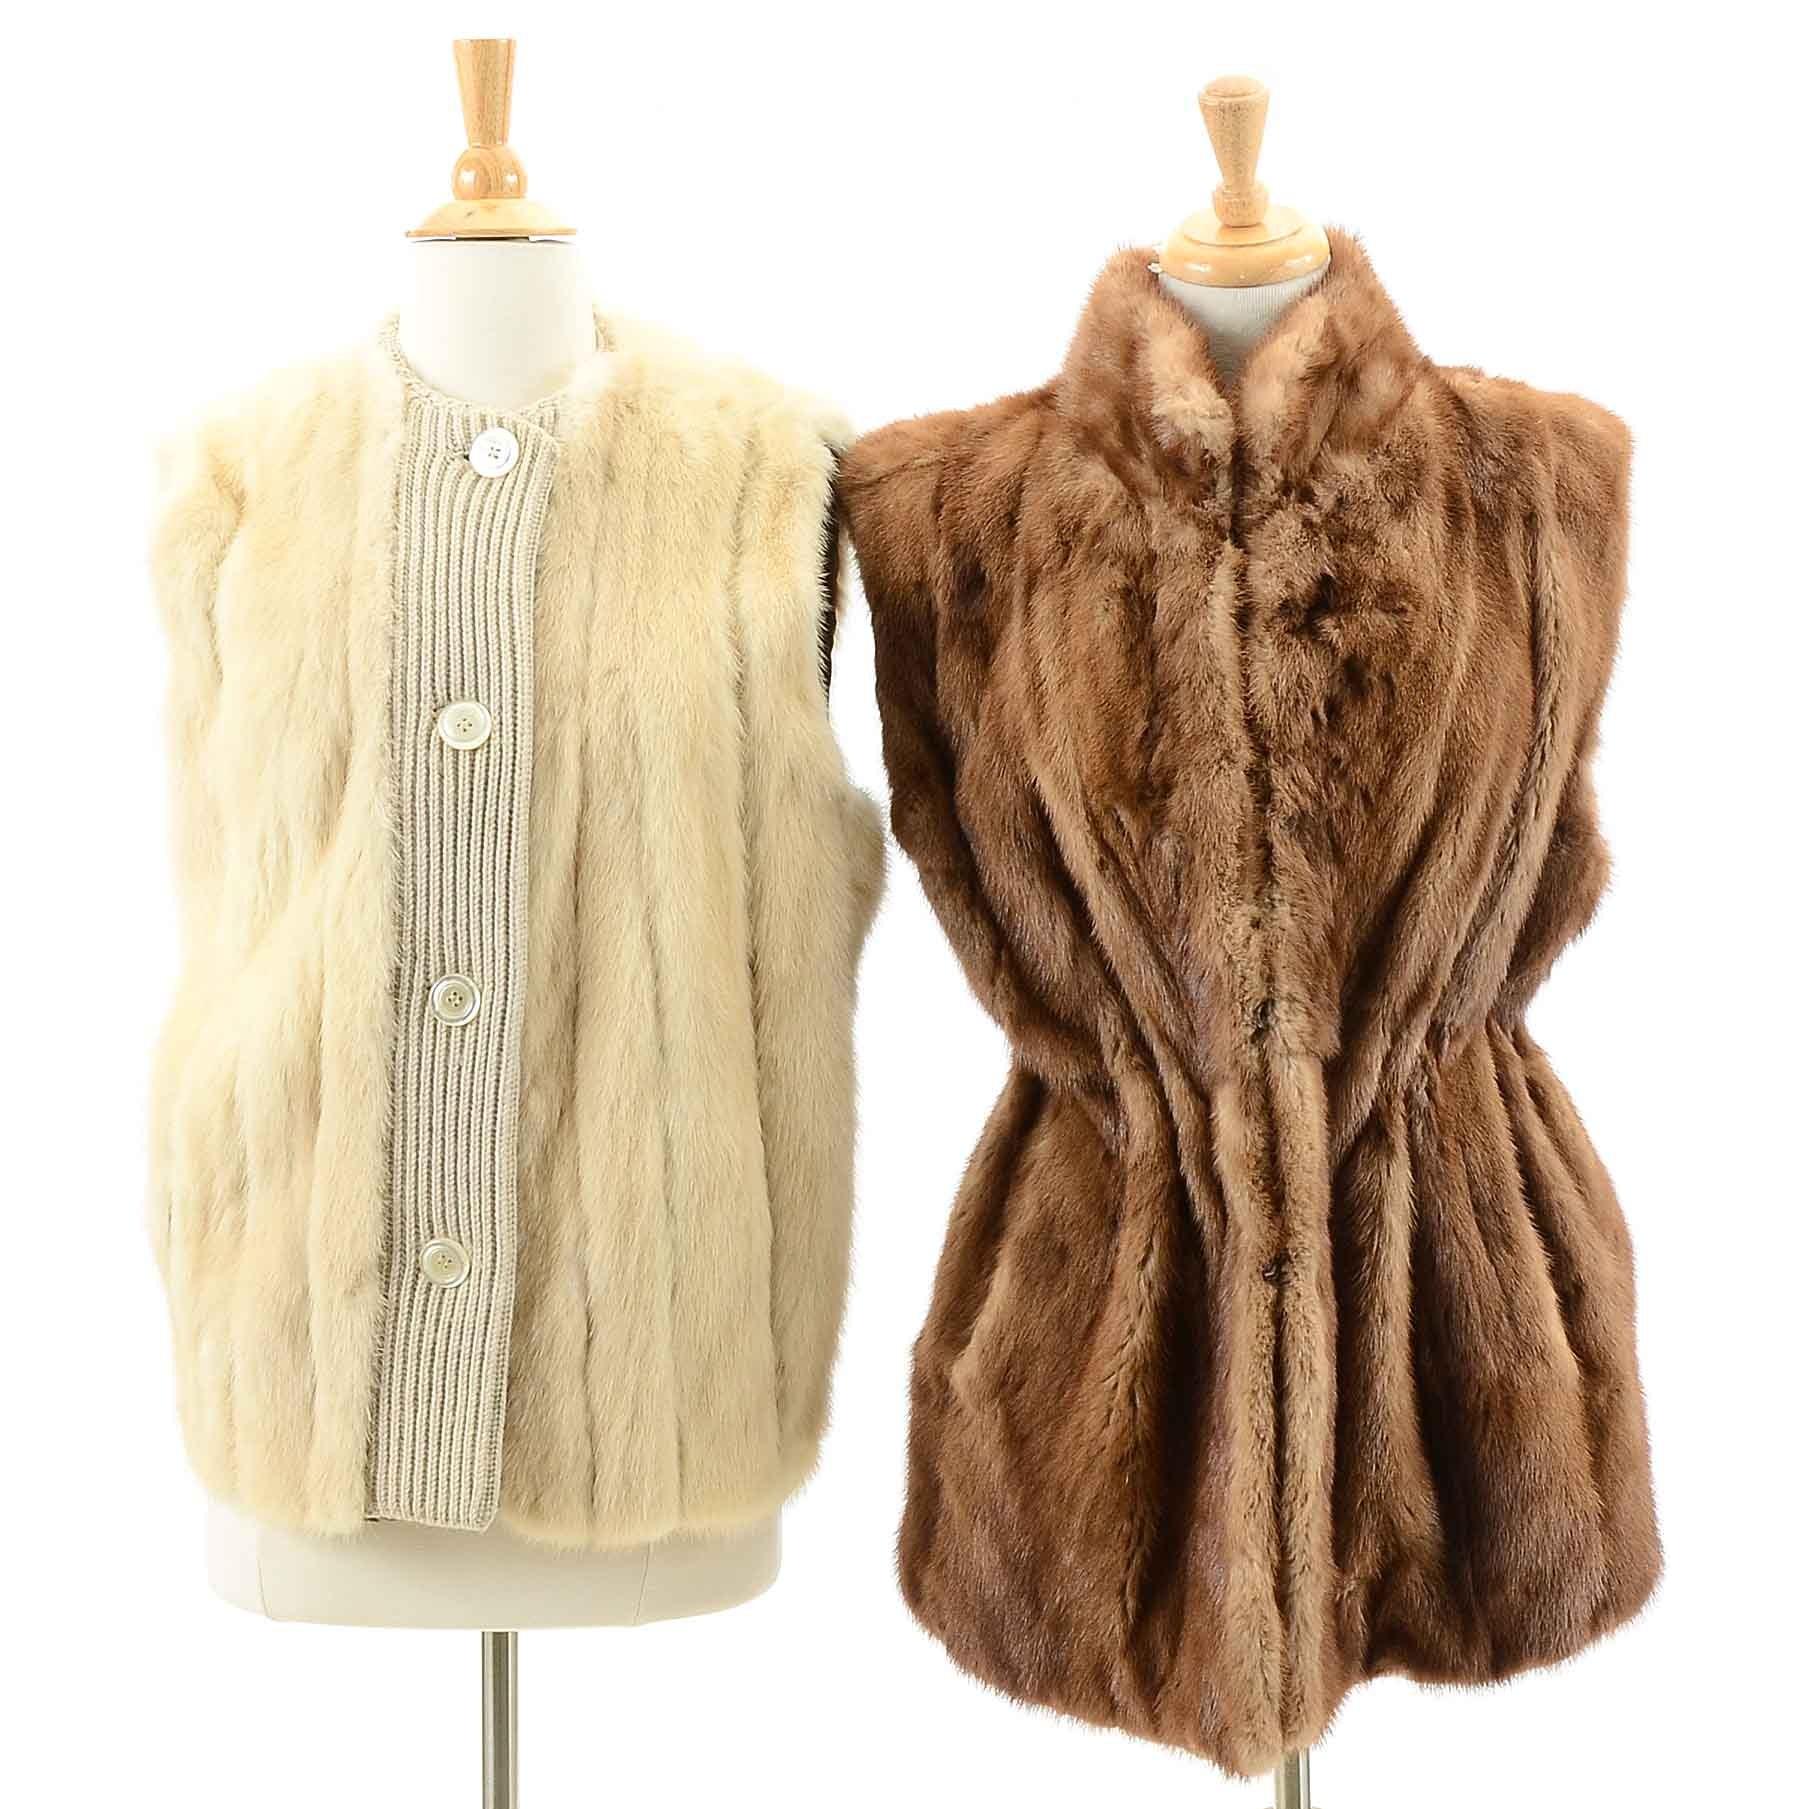 Vintage Brown and Blonde Mink Fur Vests